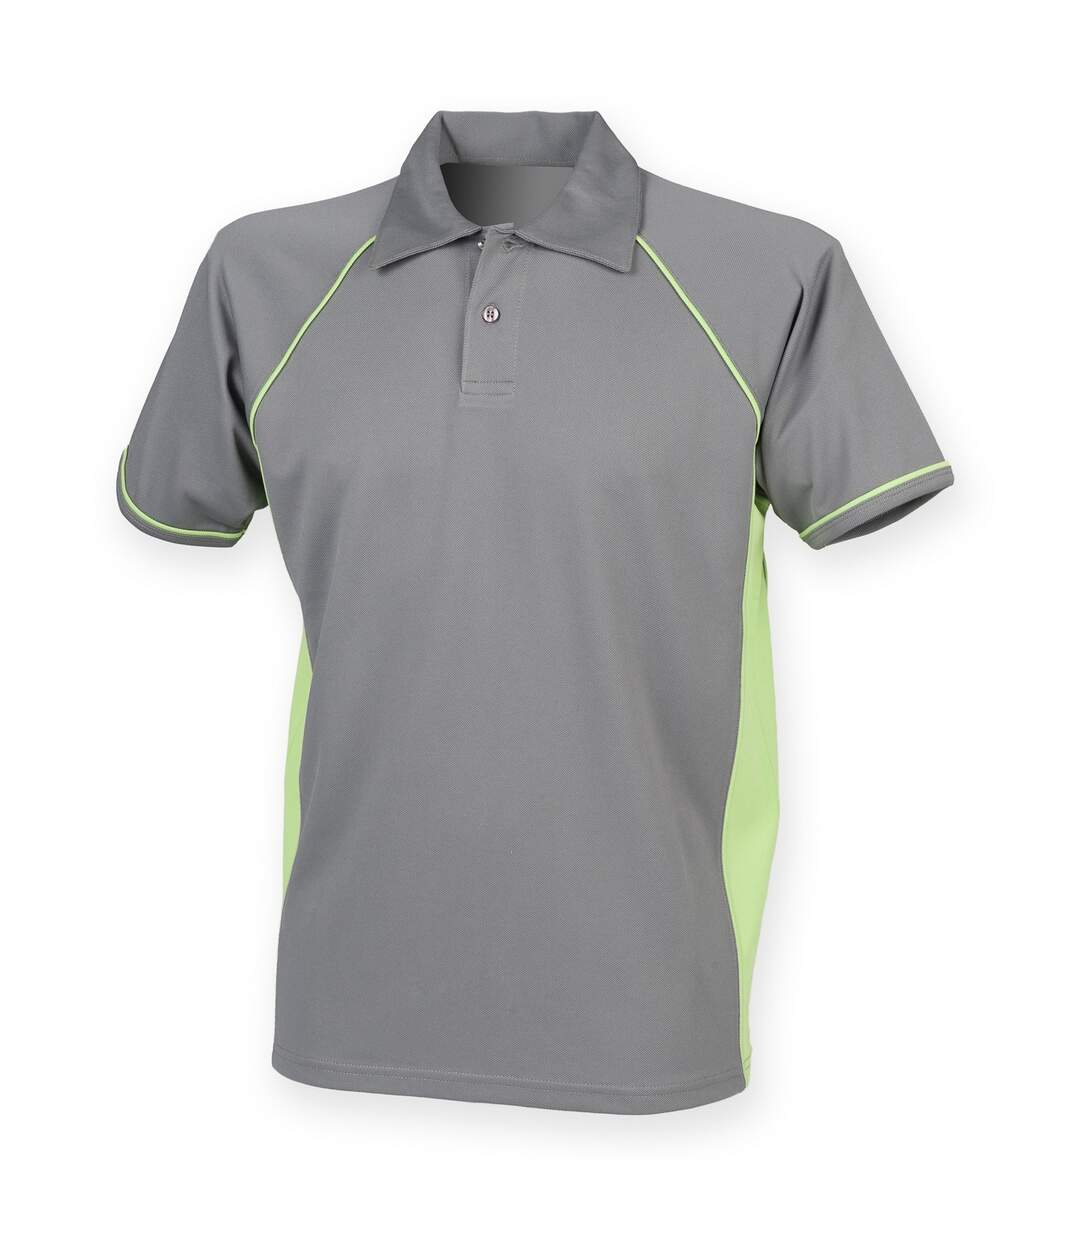 Finden & Hales - Polo Sport À Manches Courtes - Homme (Gris/Vert citron) - UTRW427